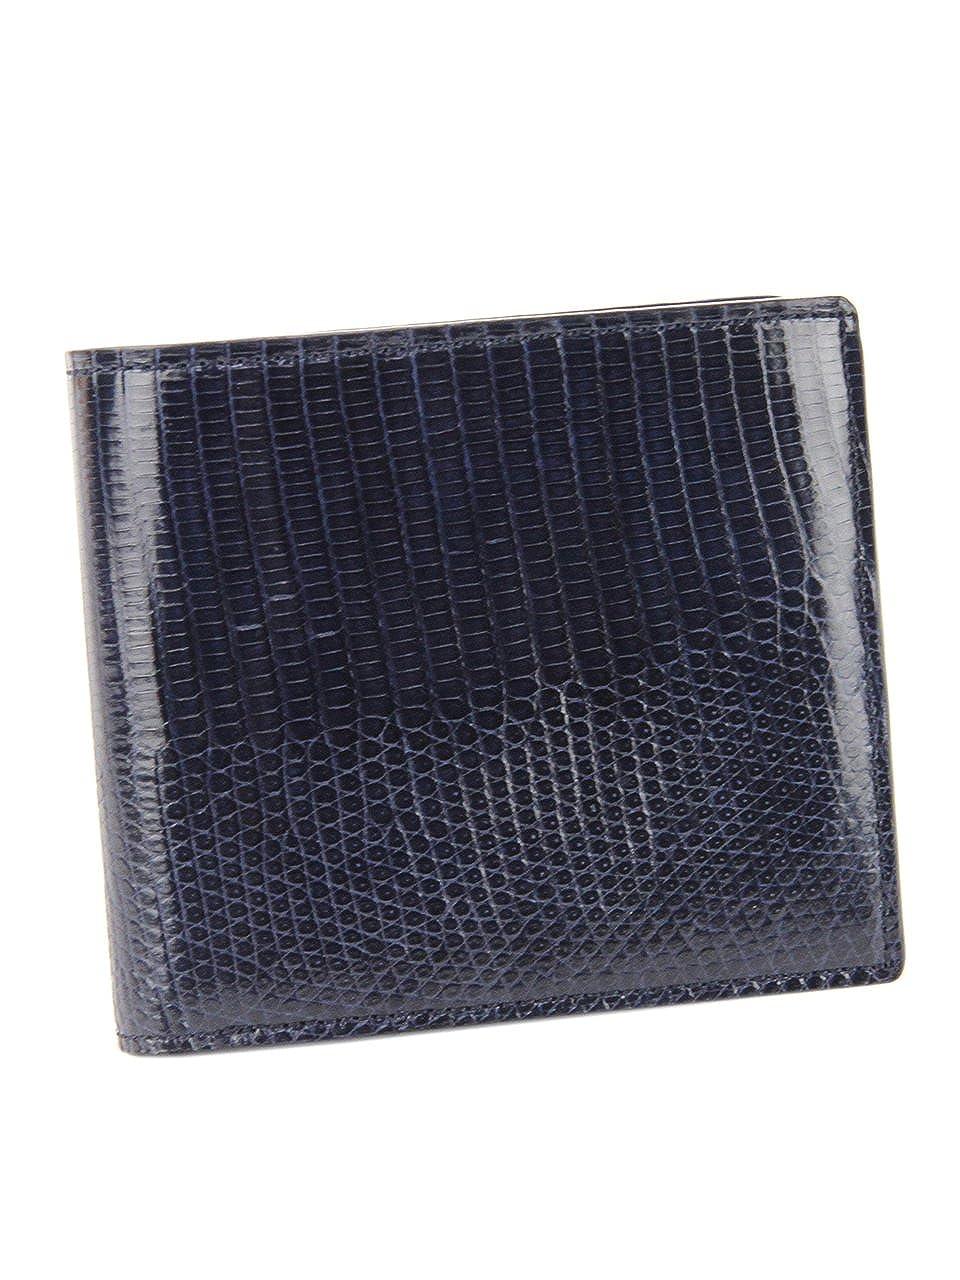 ペッレモルビダ 二つ折り財布 本革 バルカ リザードレザー メンズ LI004 B01N8T17SB ネイビー